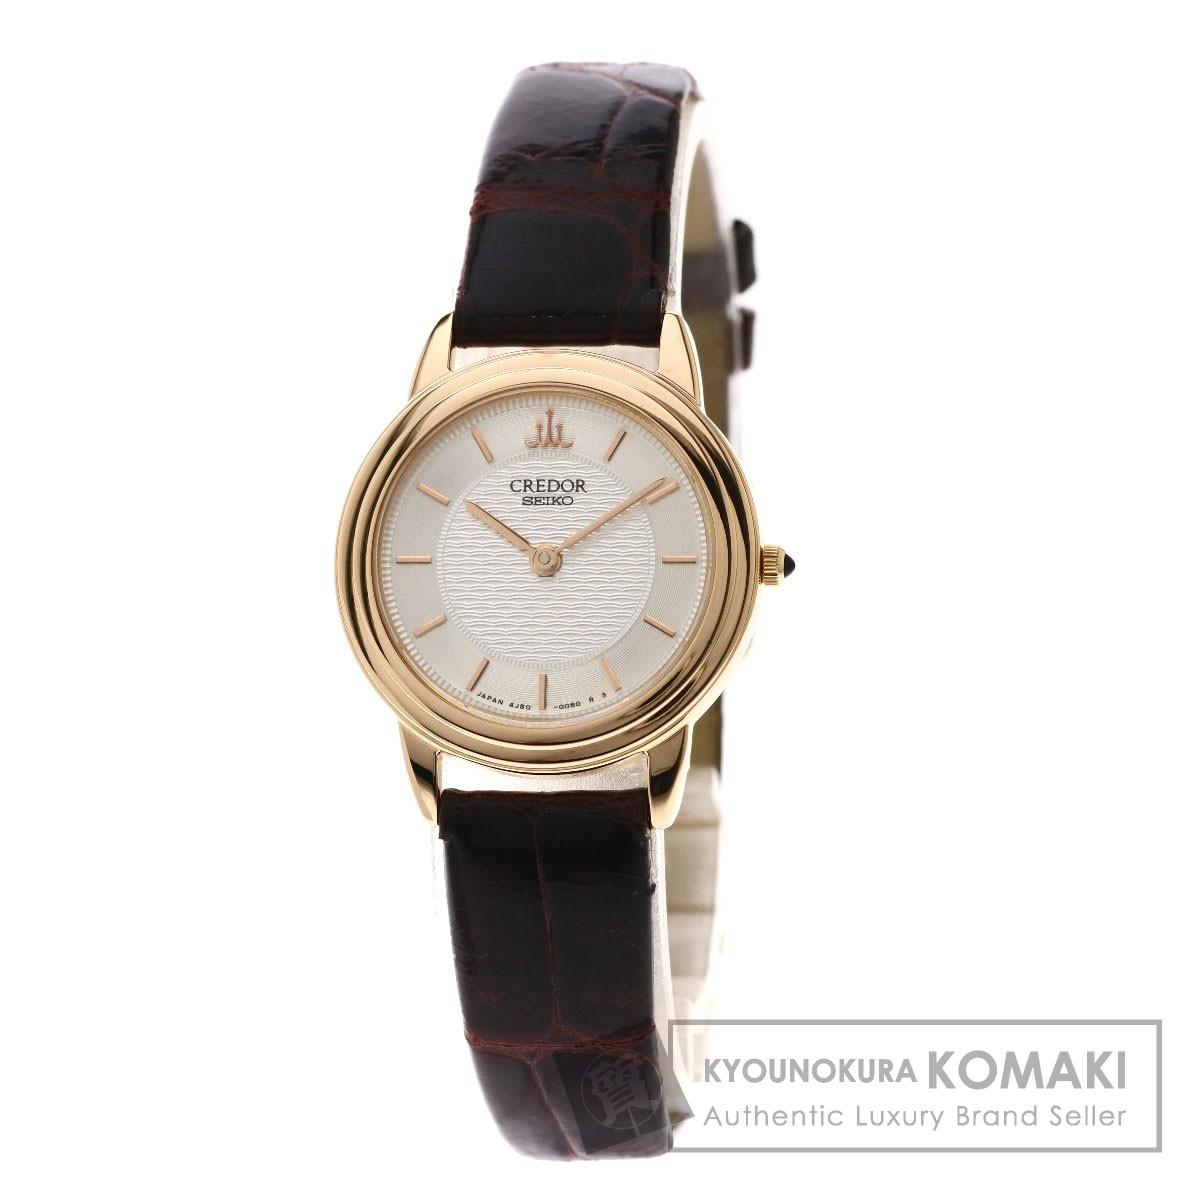 セイコー 4J80-0060 クレドール 腕時計 K18ピンクゴールド/革 レディース 【中古】【SEIKO】